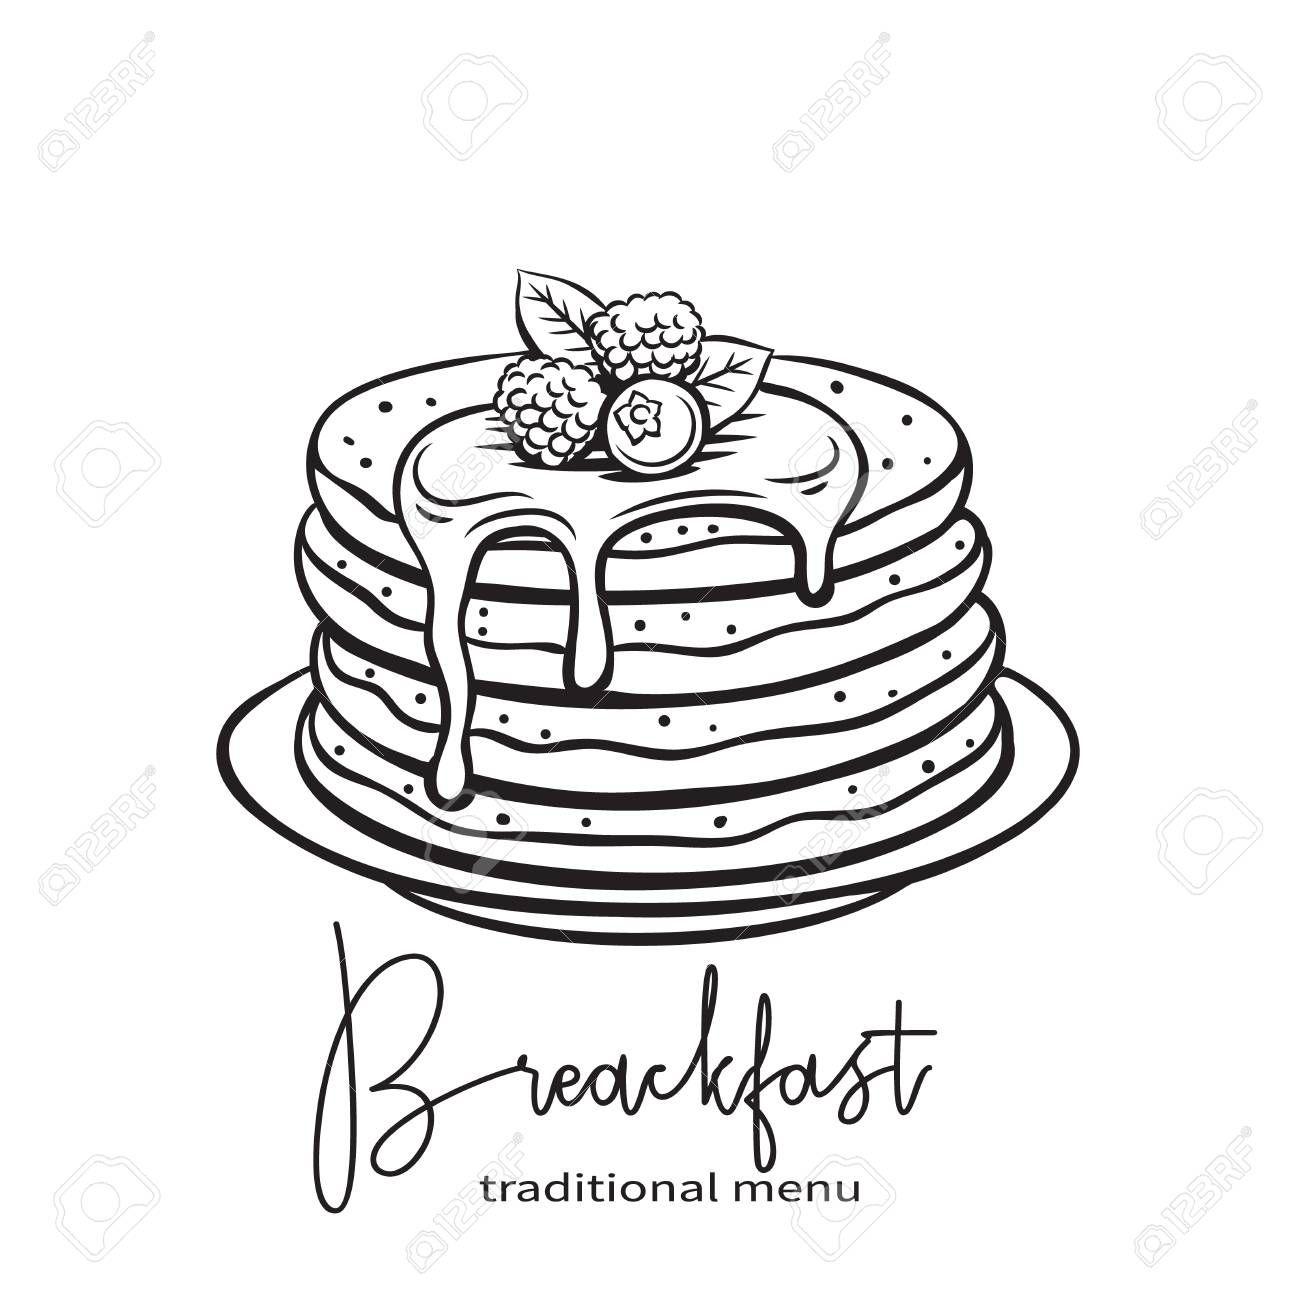 Hand Drawn Pancakes Illustration Aff Drawn Hand Illustration Pancakes How To Draw Hands Food Coloring Pages Pancake Drawing